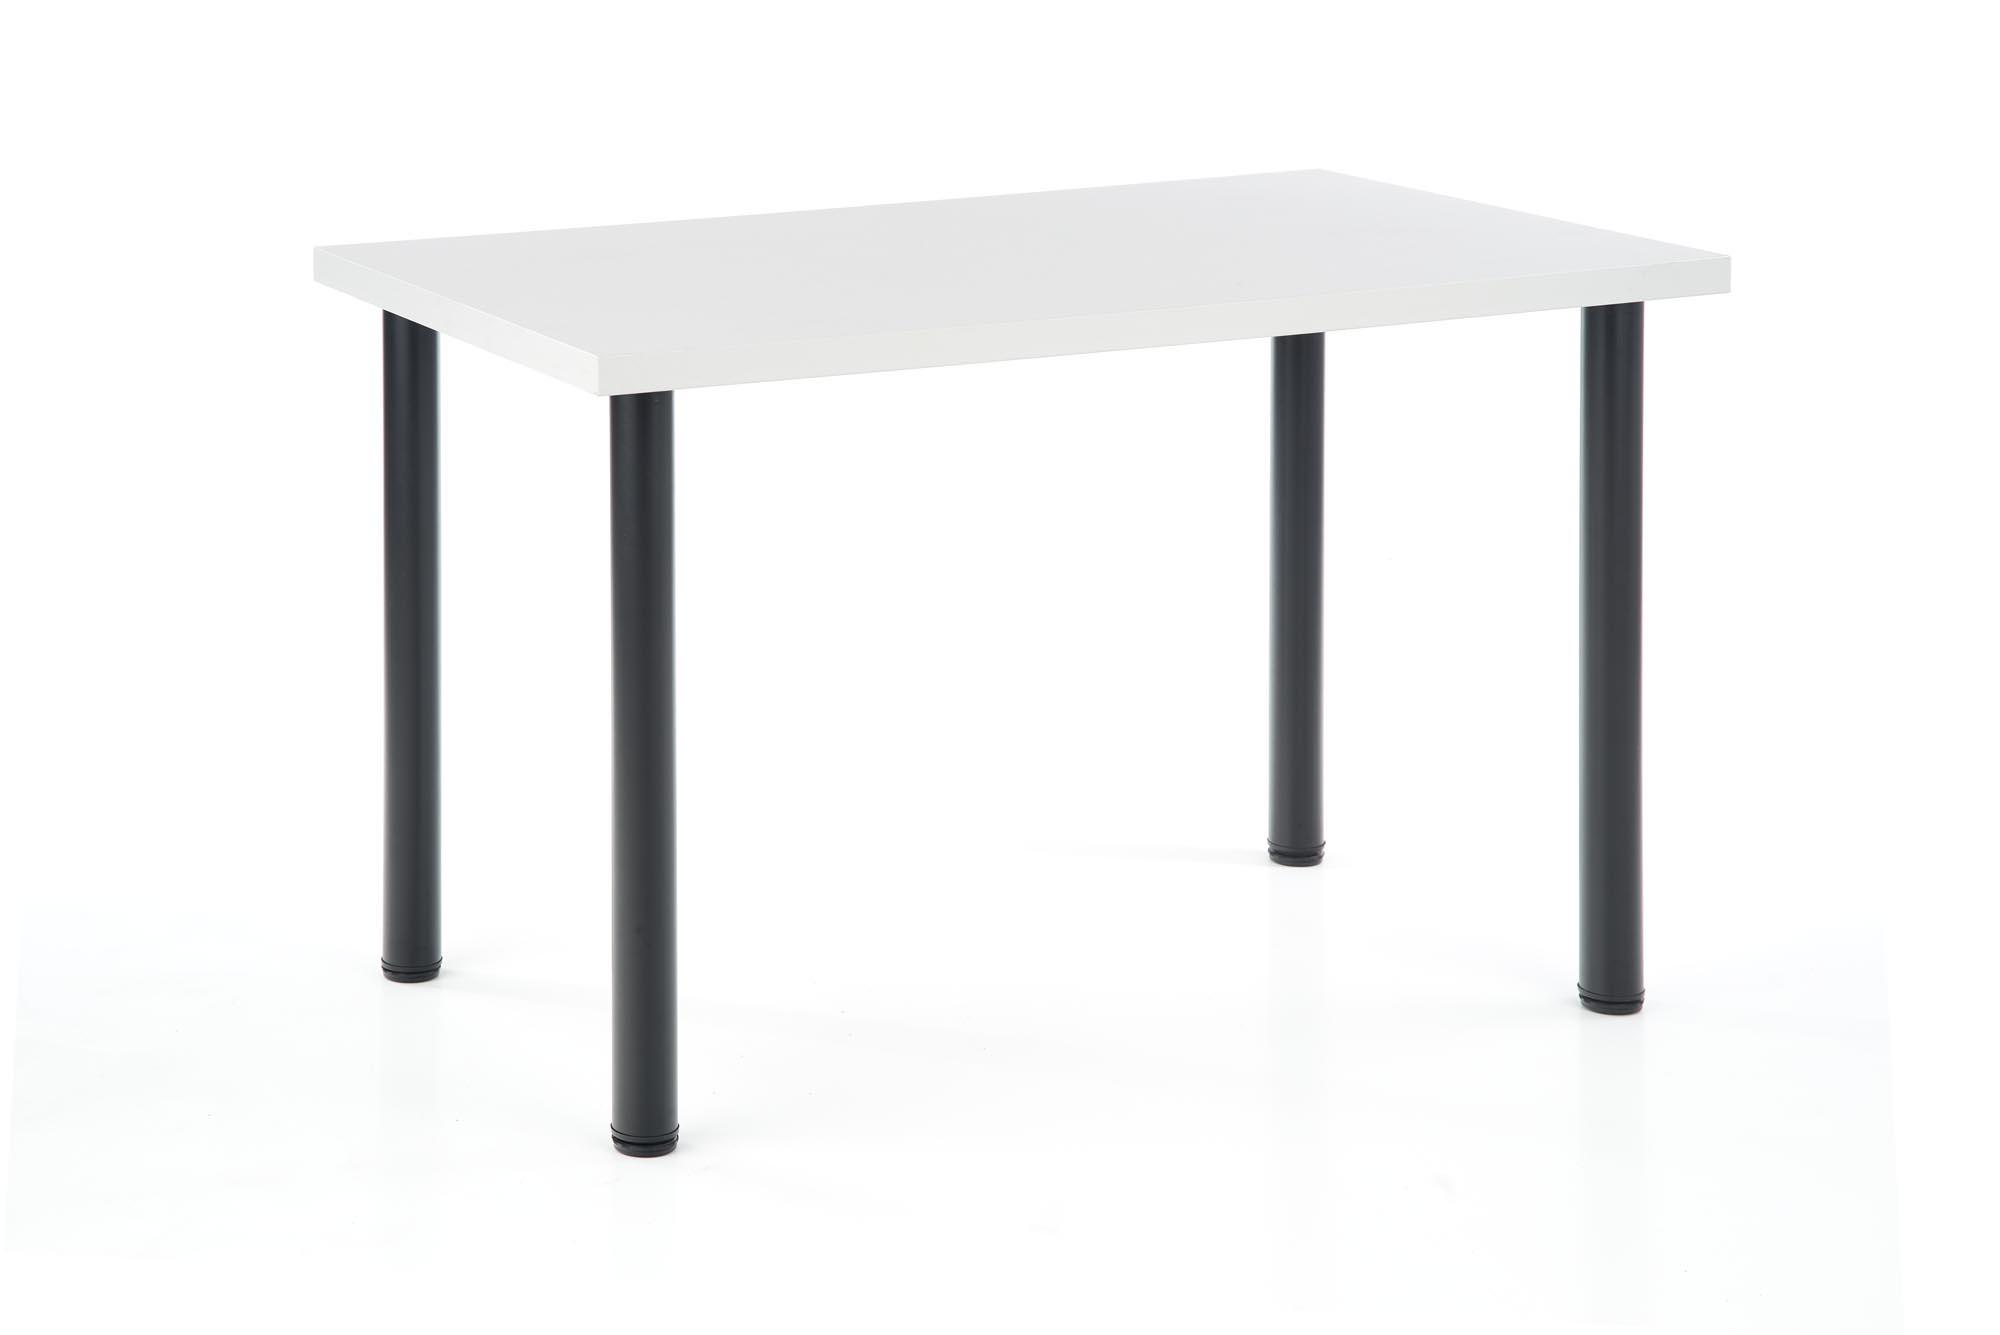 MODEX 2 120 stół kolor blat - biały, nogi - czarny (2p=1szt)